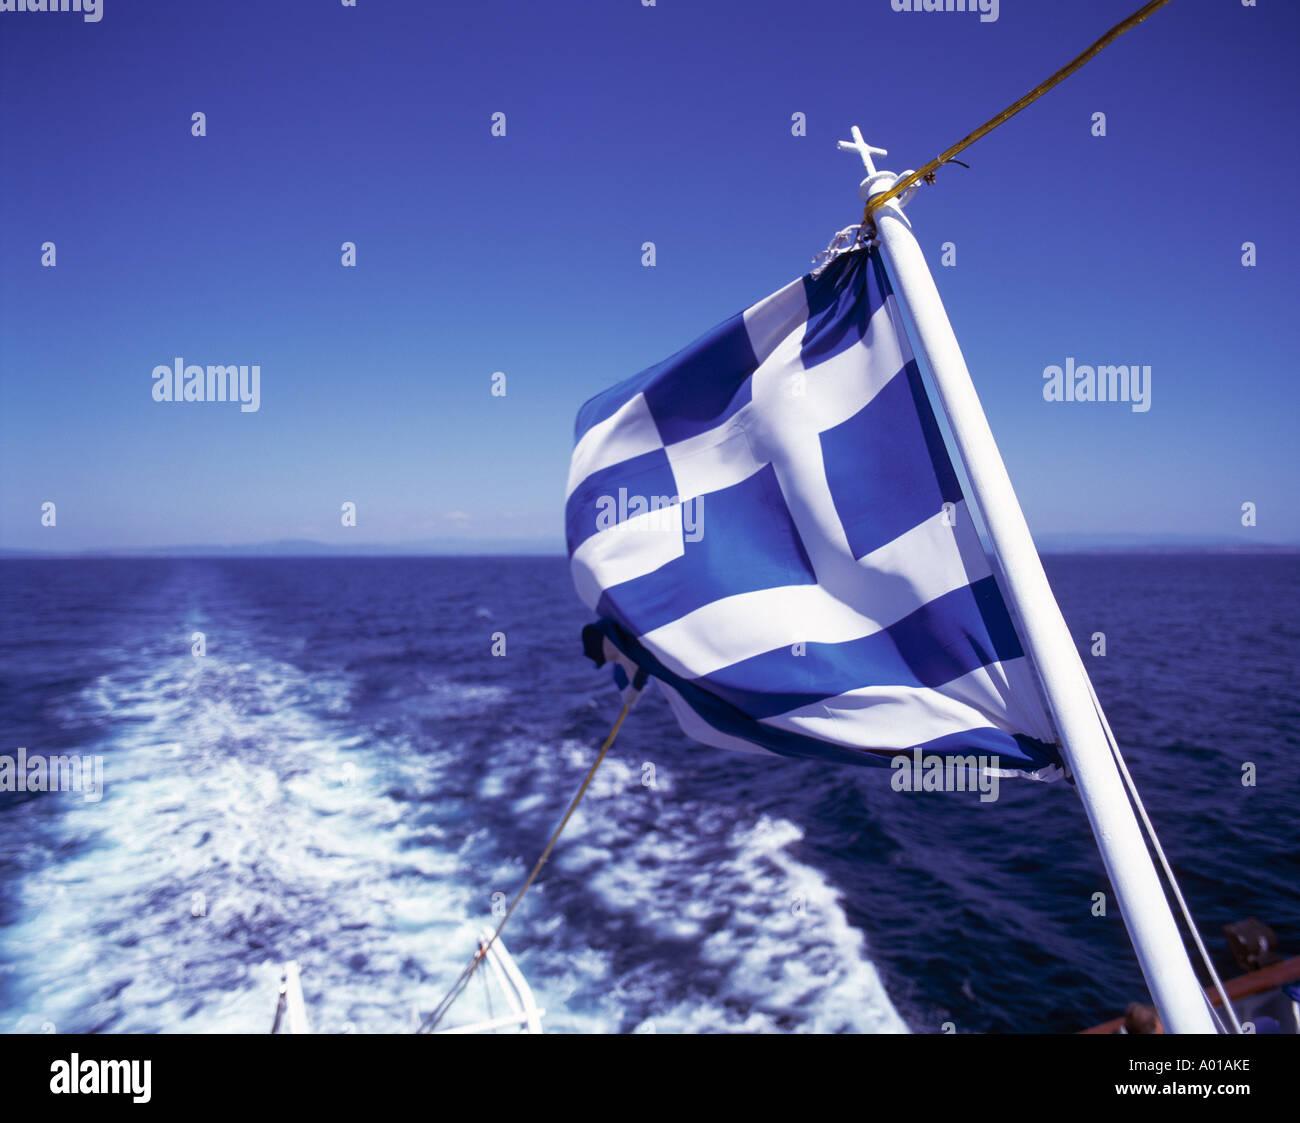 Griechische Flagge auf einem griechischen Ausflugsdampfer, Fahrrinne eines Schiffes, schaeumendes Wasser, Aegaeisches Meer, Aegaeis - Stock Image